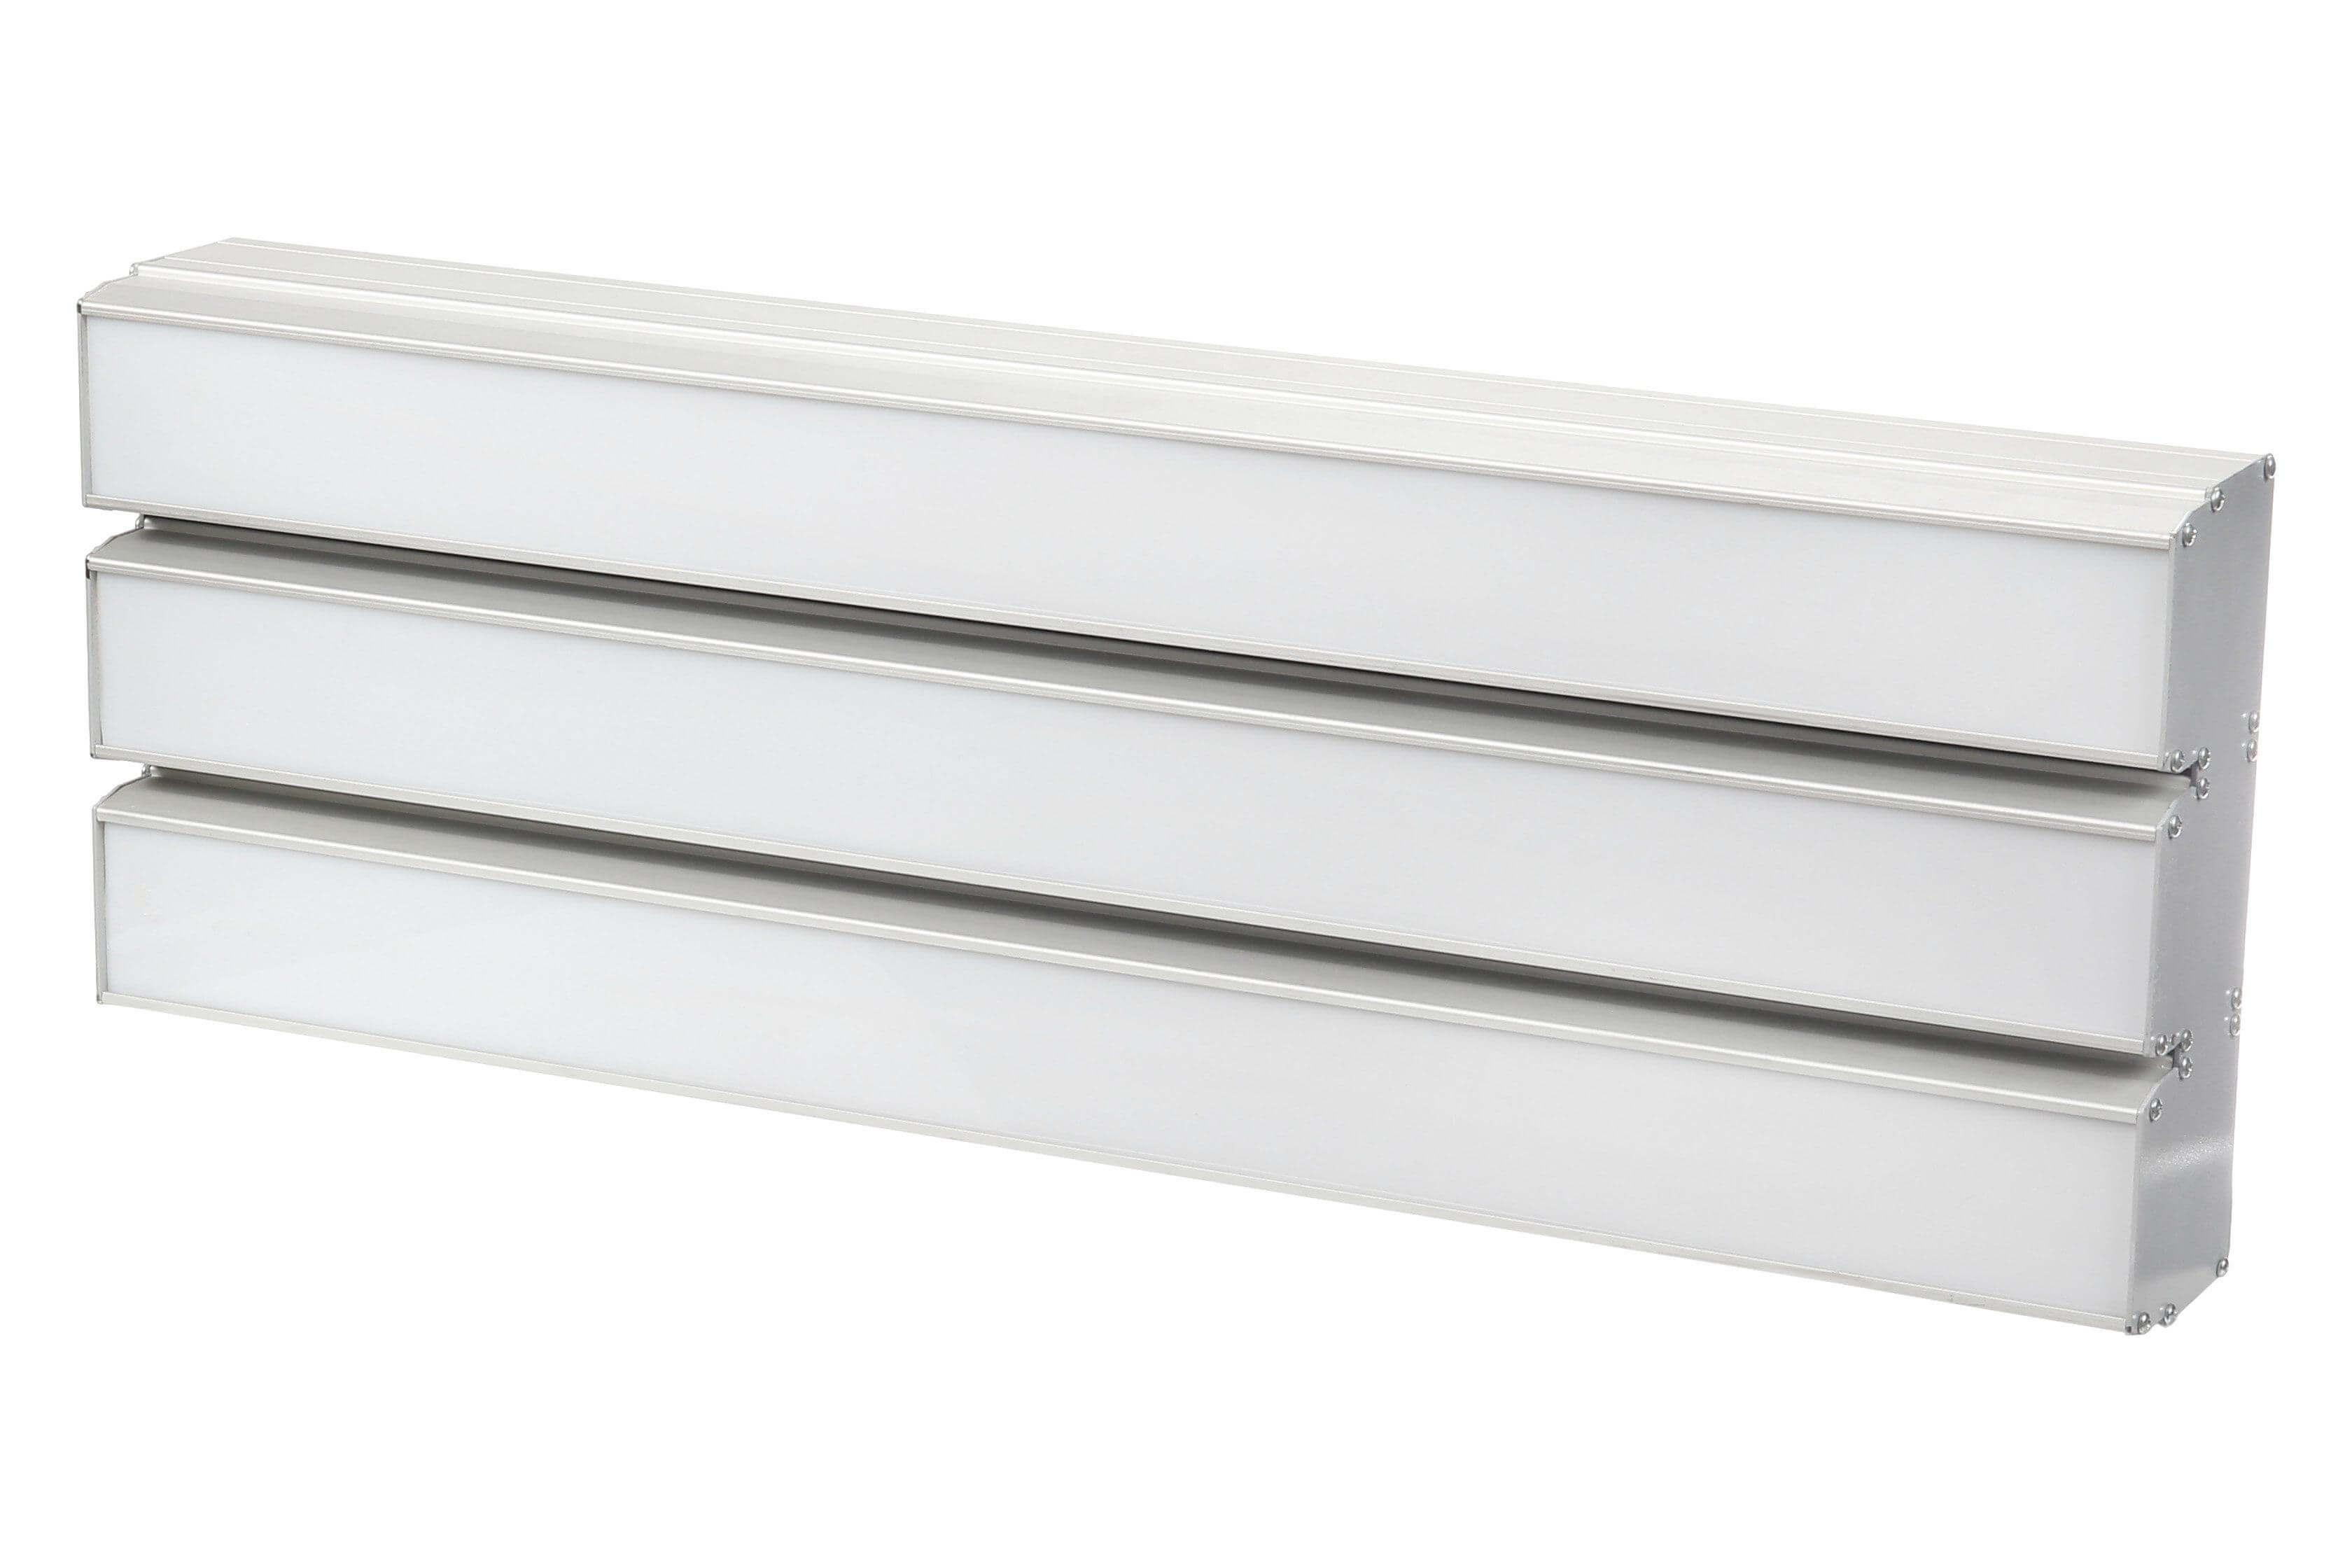 Светодиодный светильник LEDcraft LC-150-3PR-DW 150 Ватт IP20 (1464 мм) Нейтральный Опал